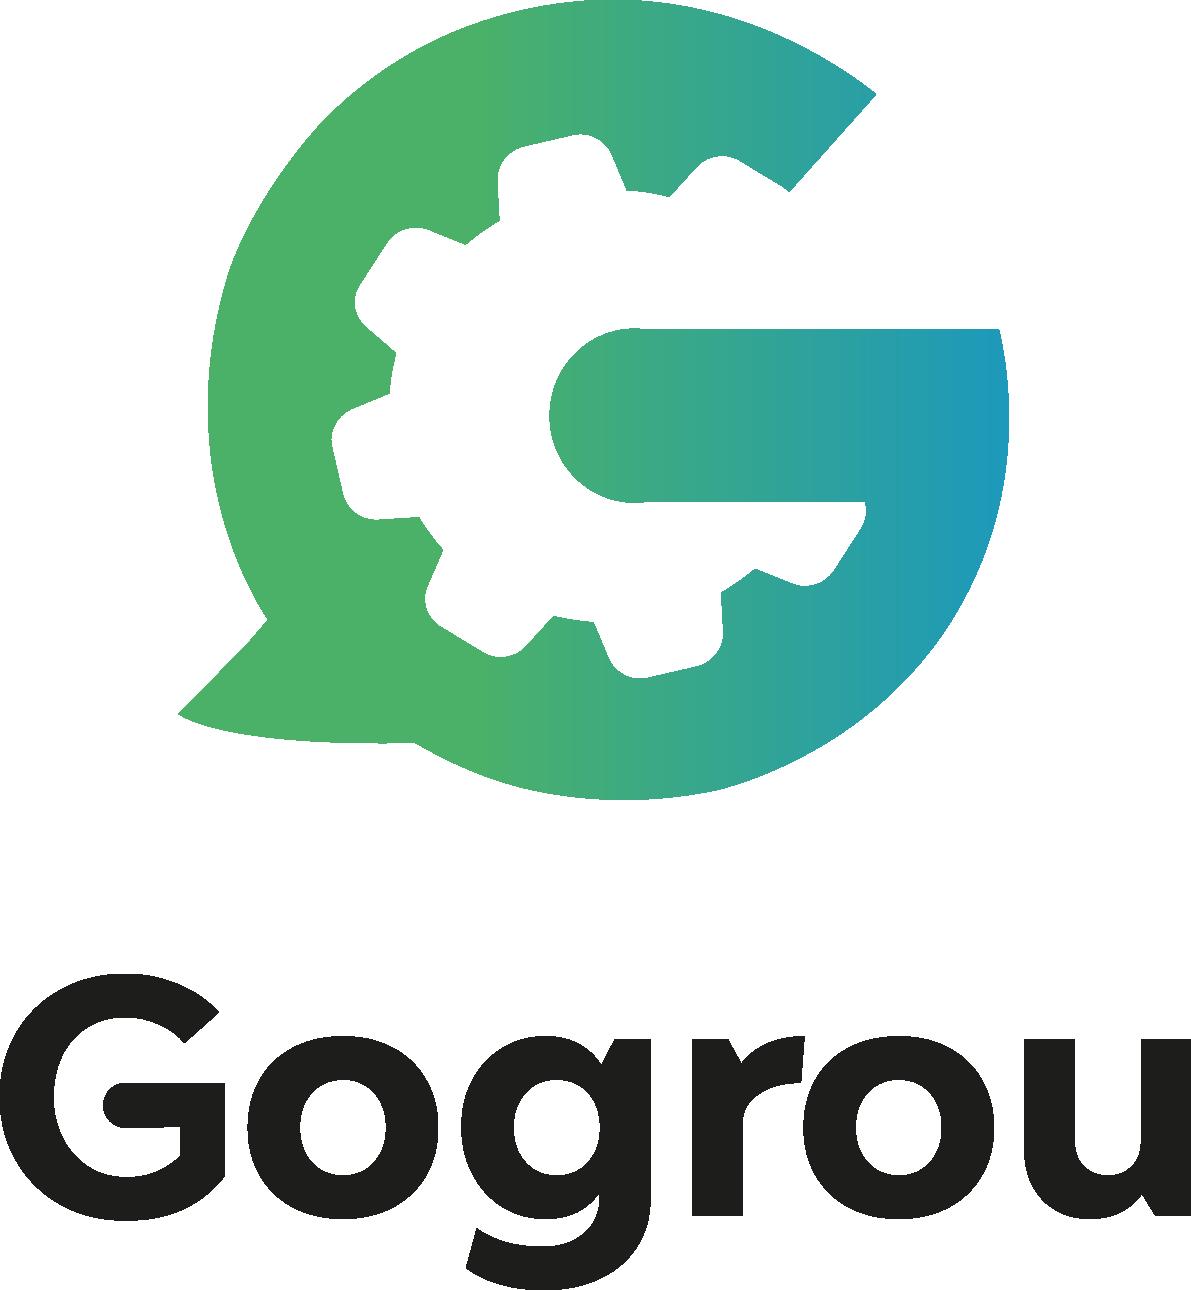 Gogrou Primary